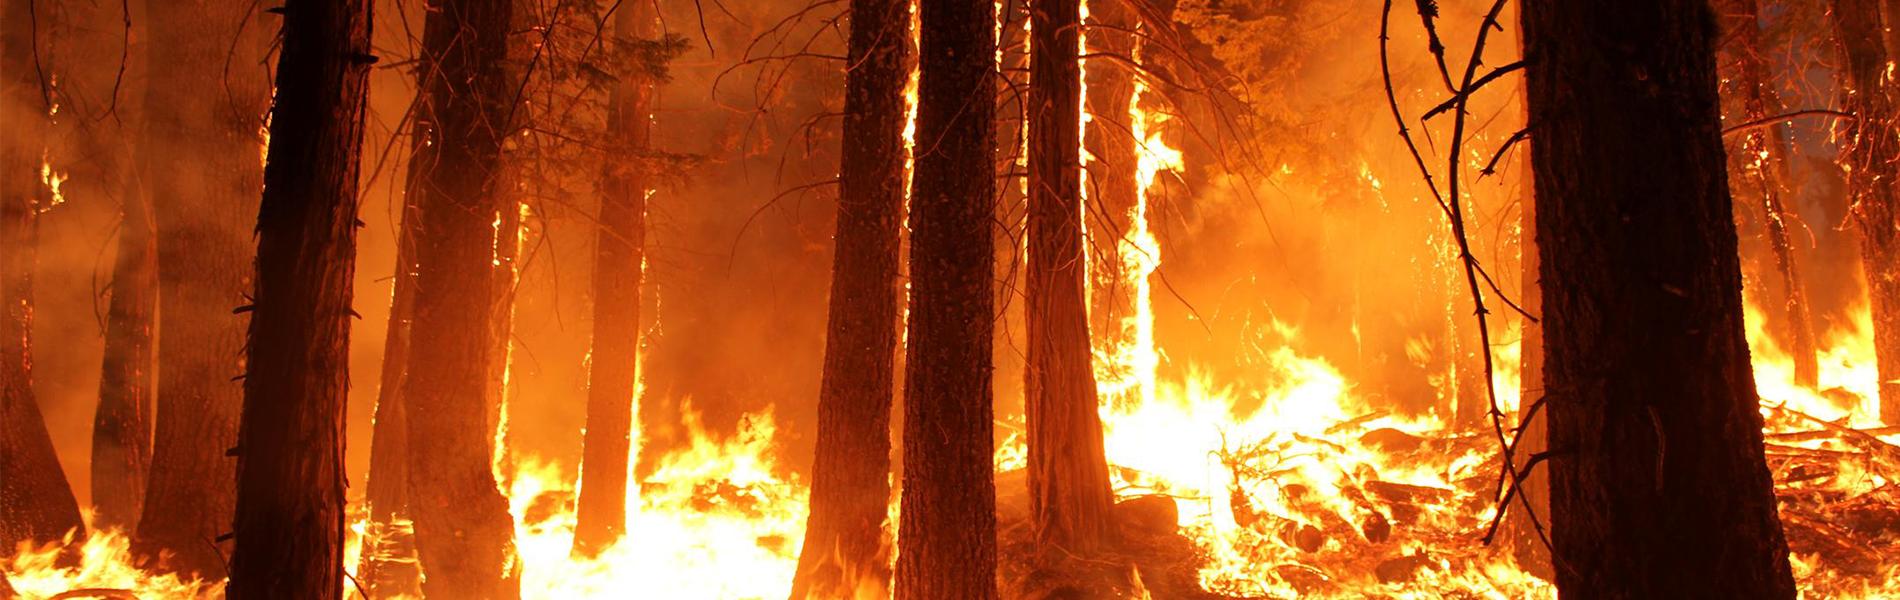 Imagem: detalhe de floresta pegando fogo